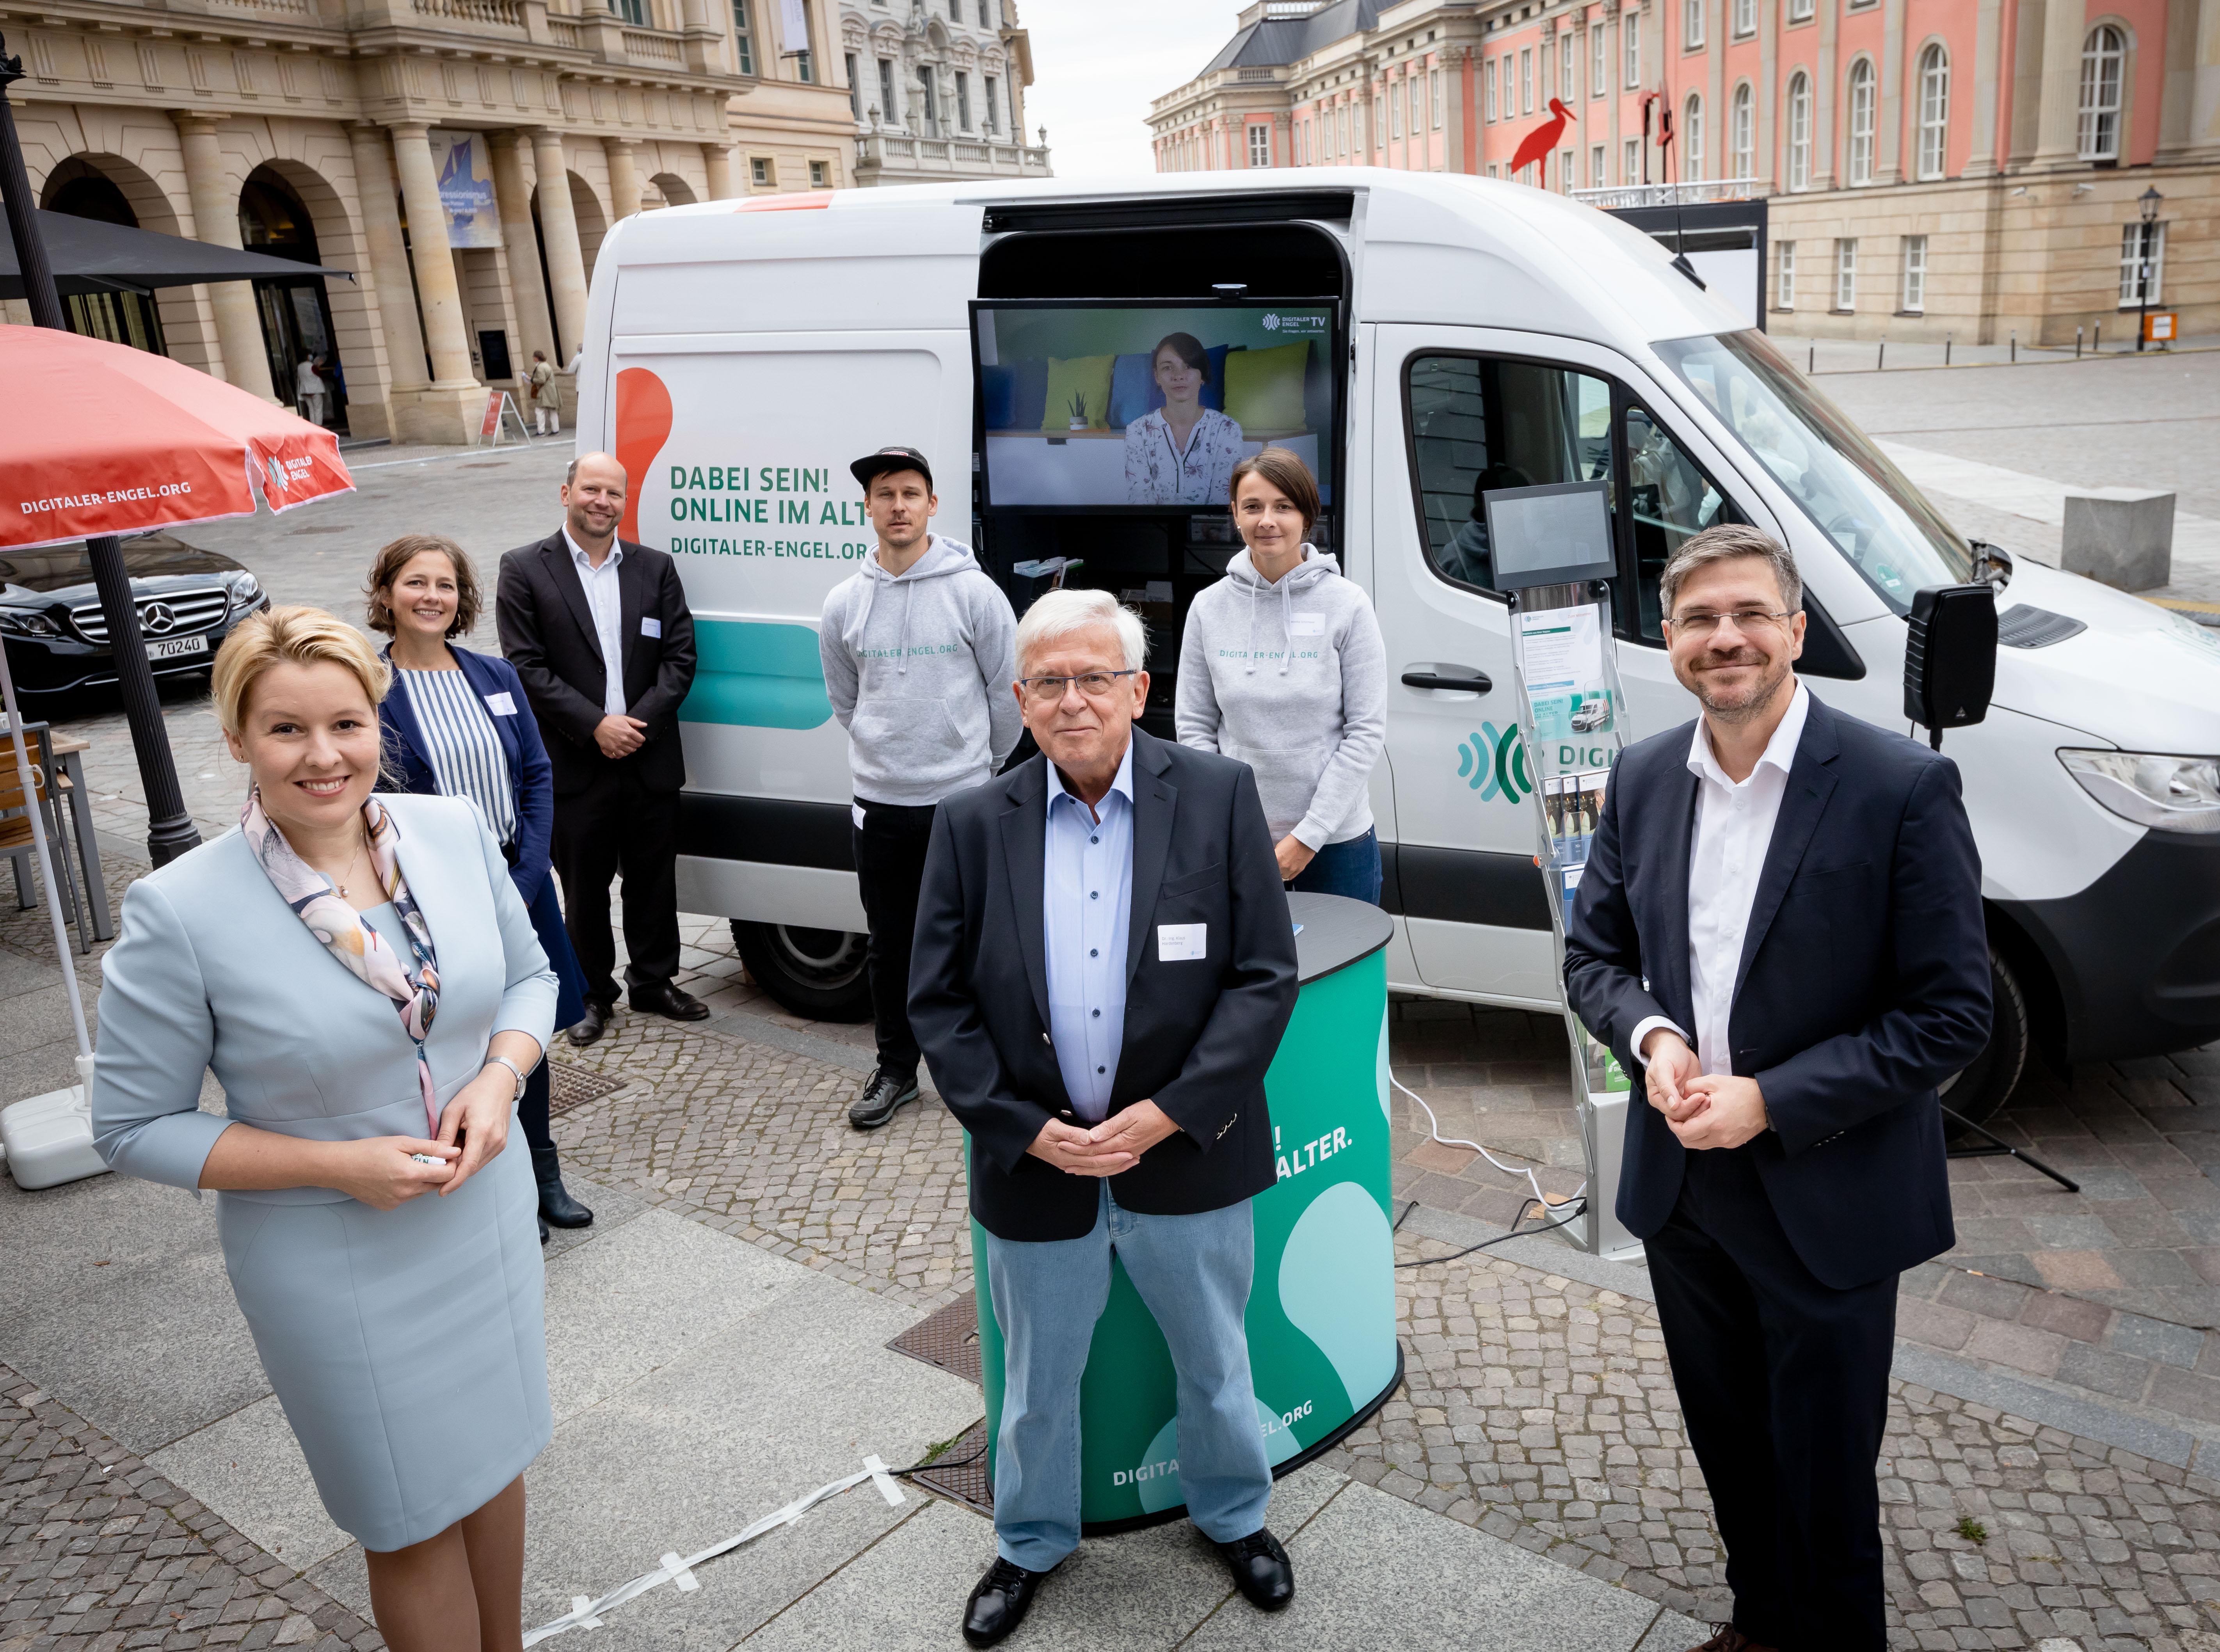 Das Team des Digitalen Engels und die Bundesseniorenministerin Dr. Franziska Giffey vor dem Engel-Mobil in Potsdam.